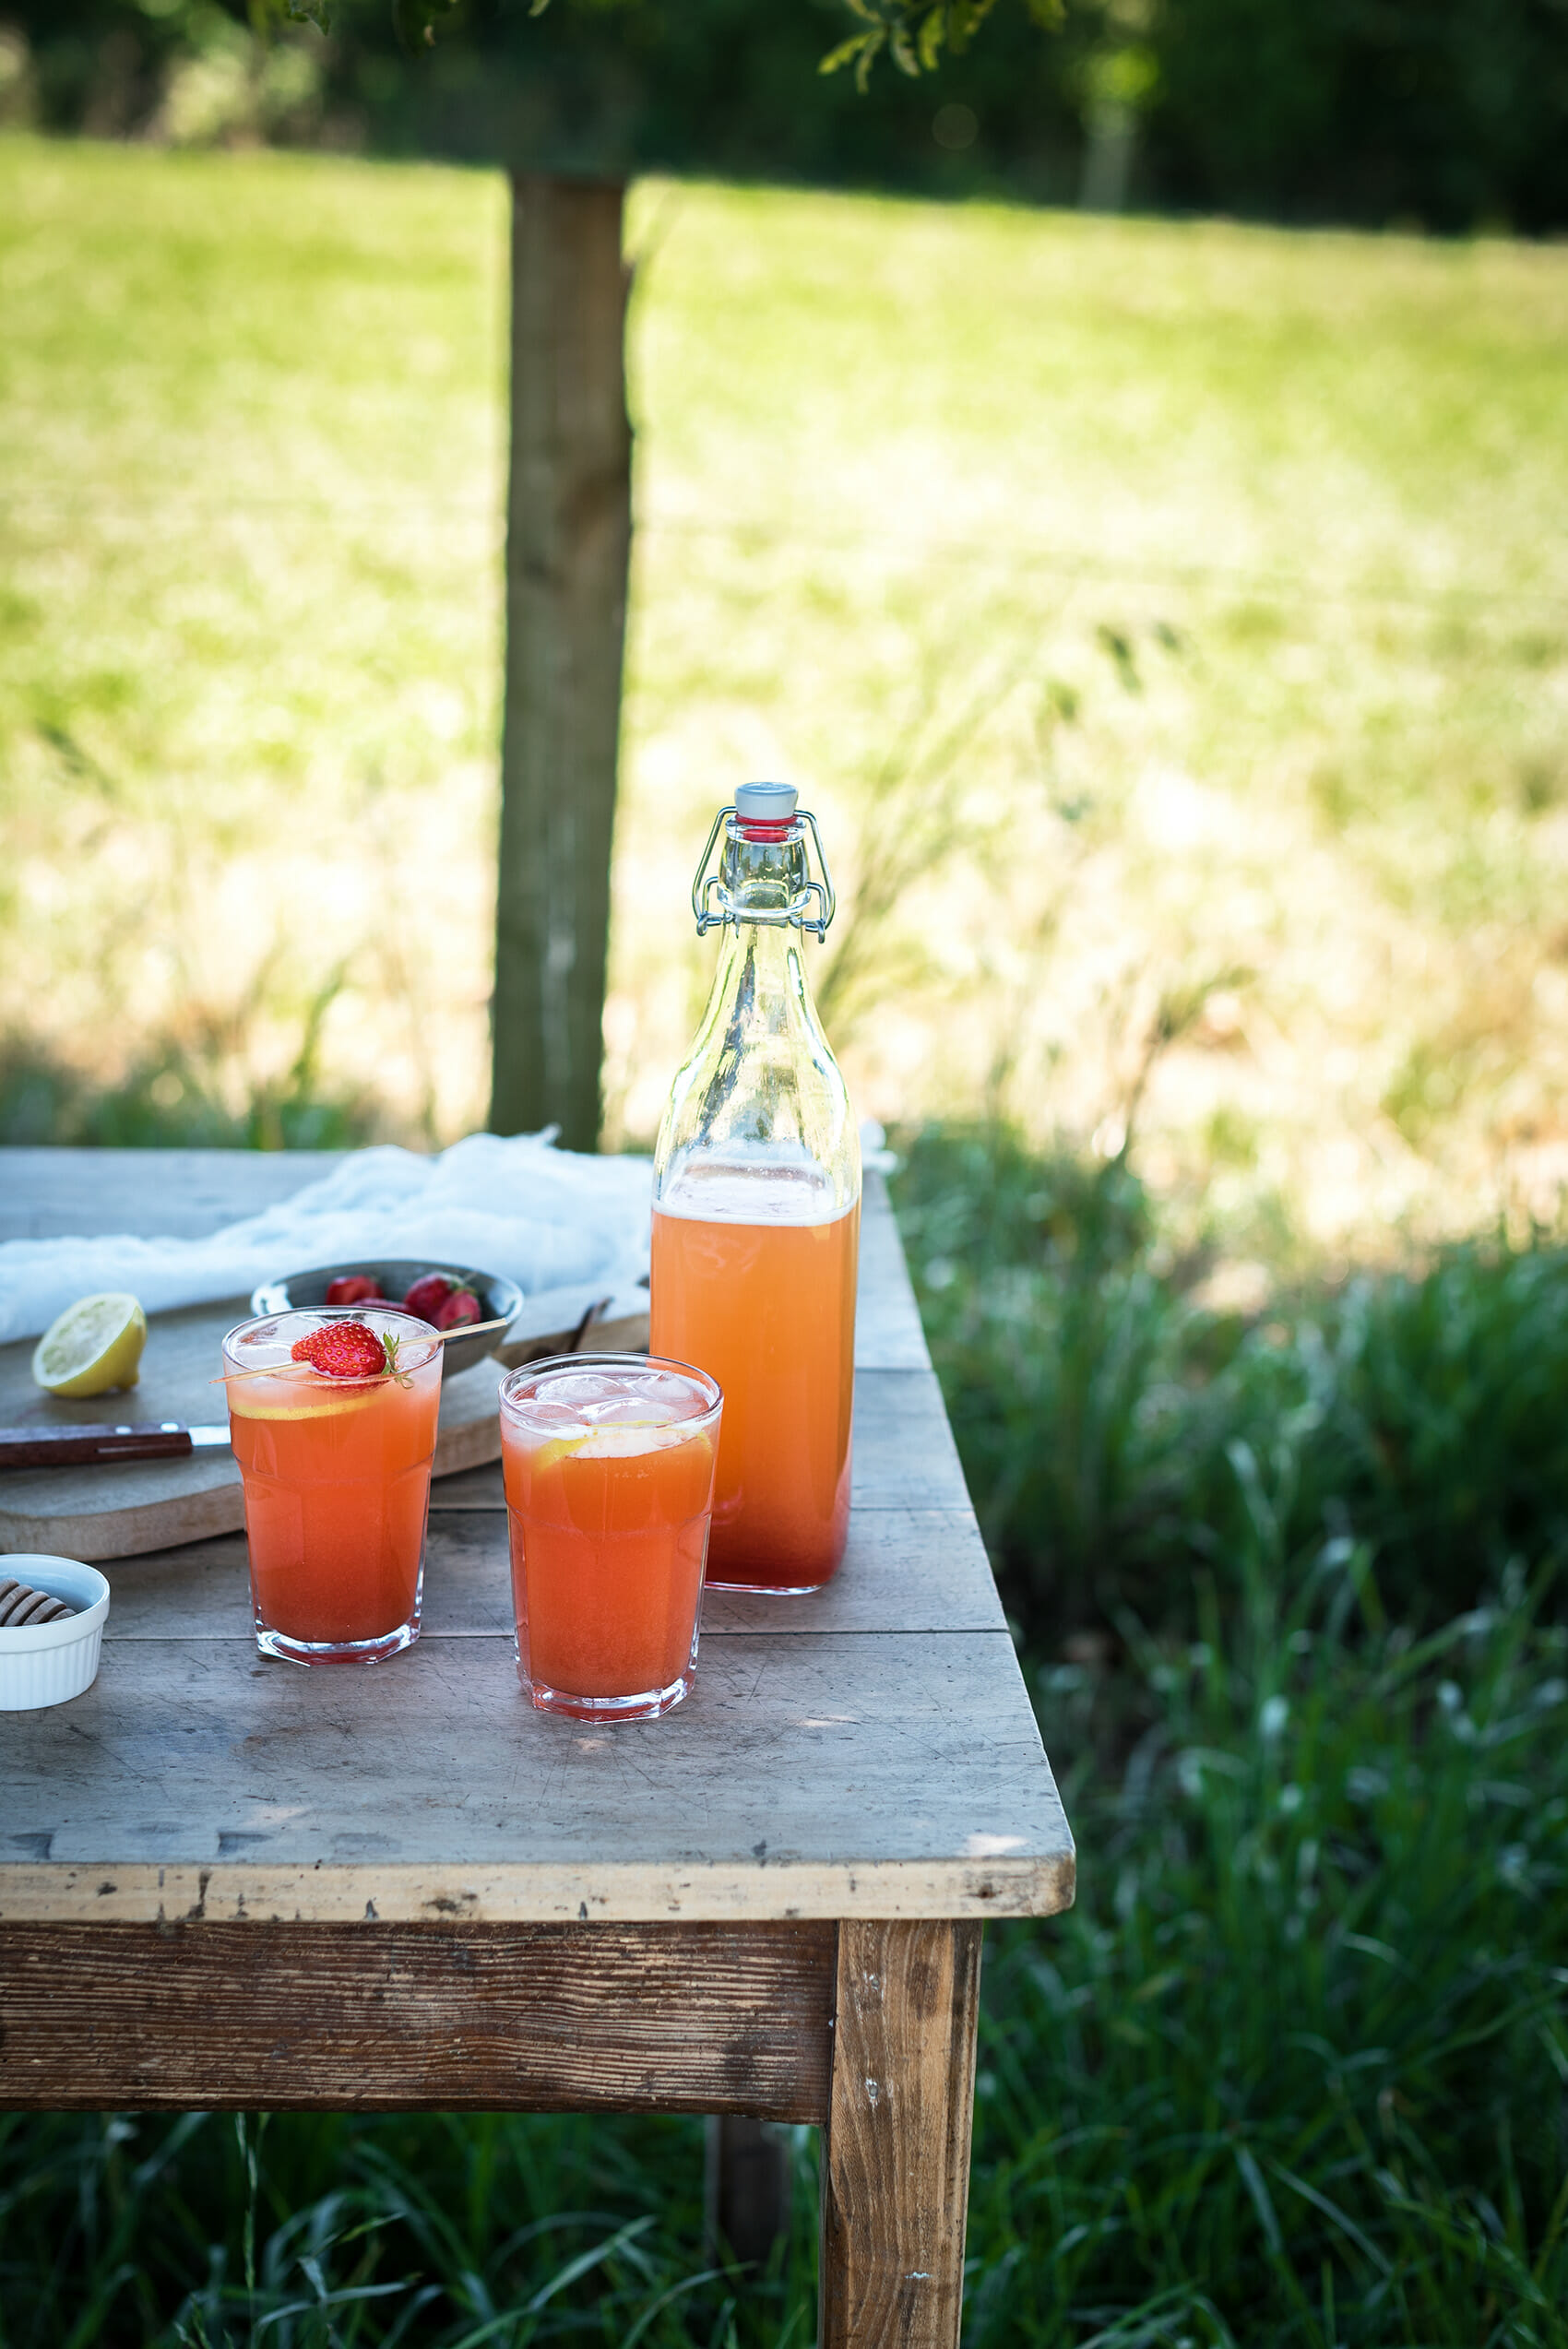 Limonade fraise rhubarbe - Lilie Bakery